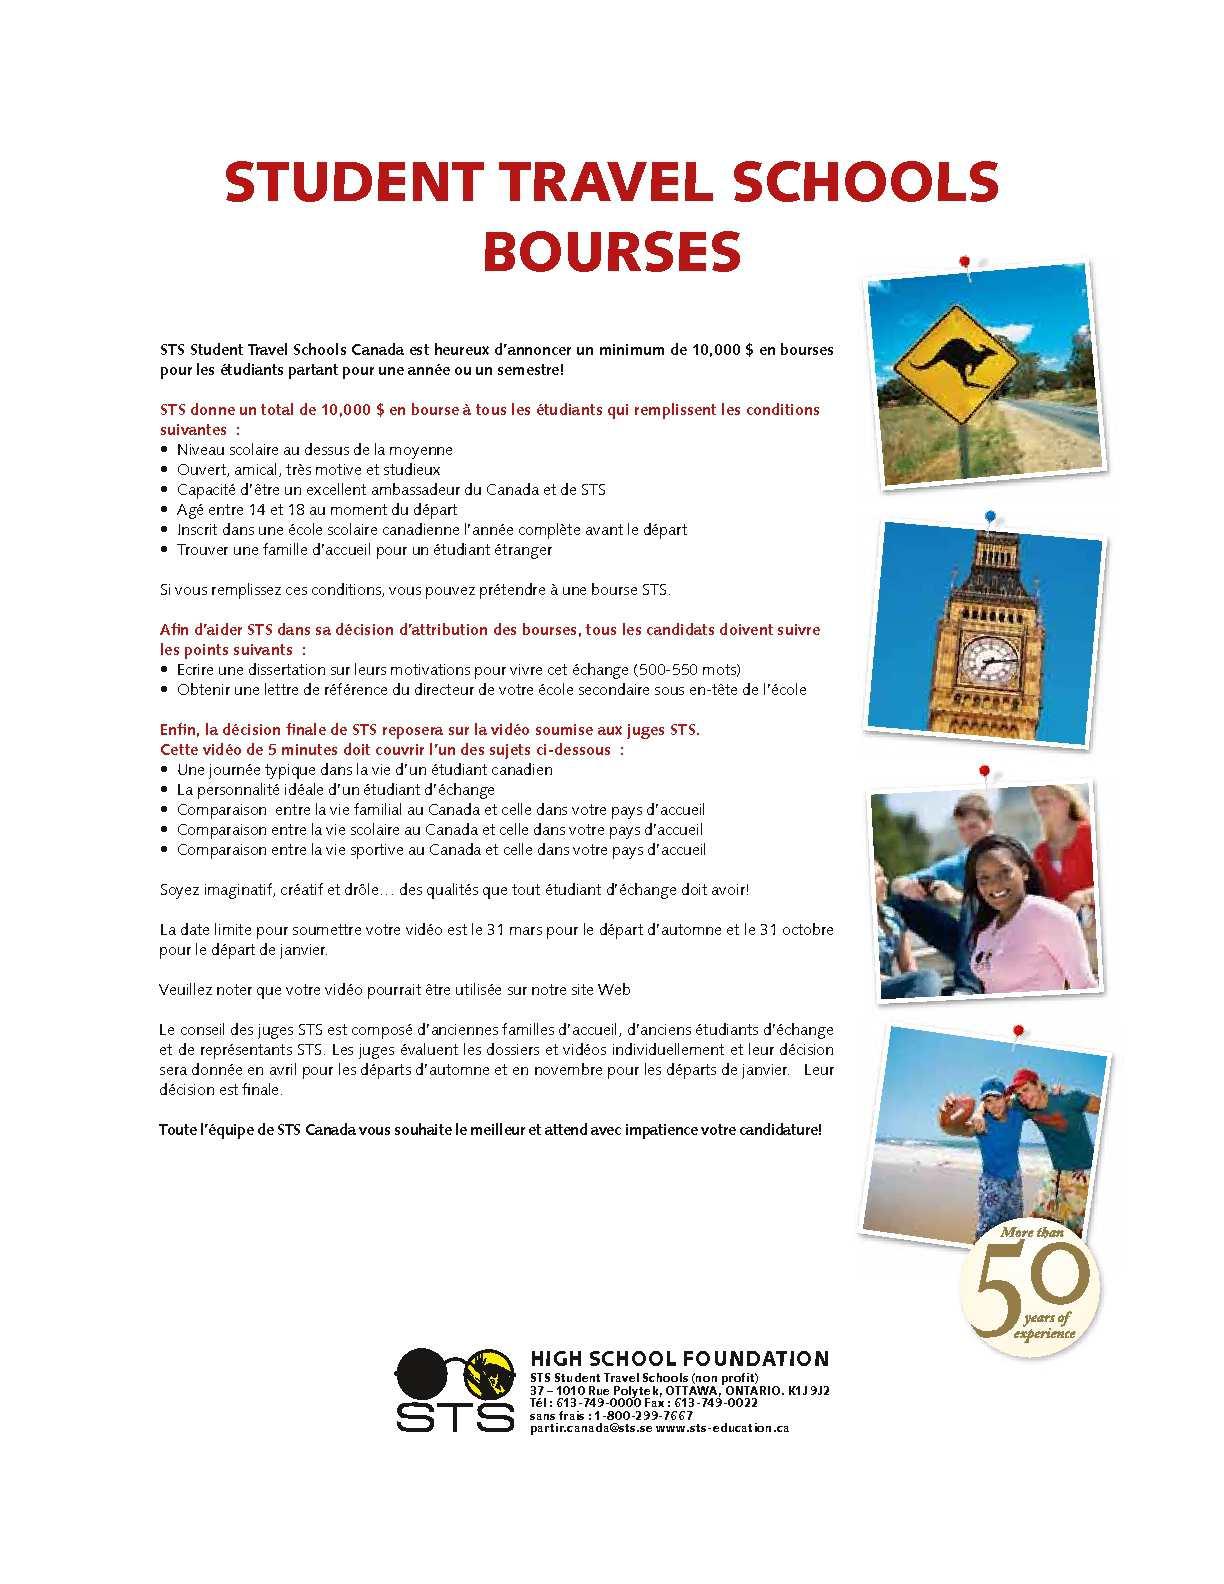 Calaméo Sts Canada Echanges Etudiants Liste Des Prix 2011